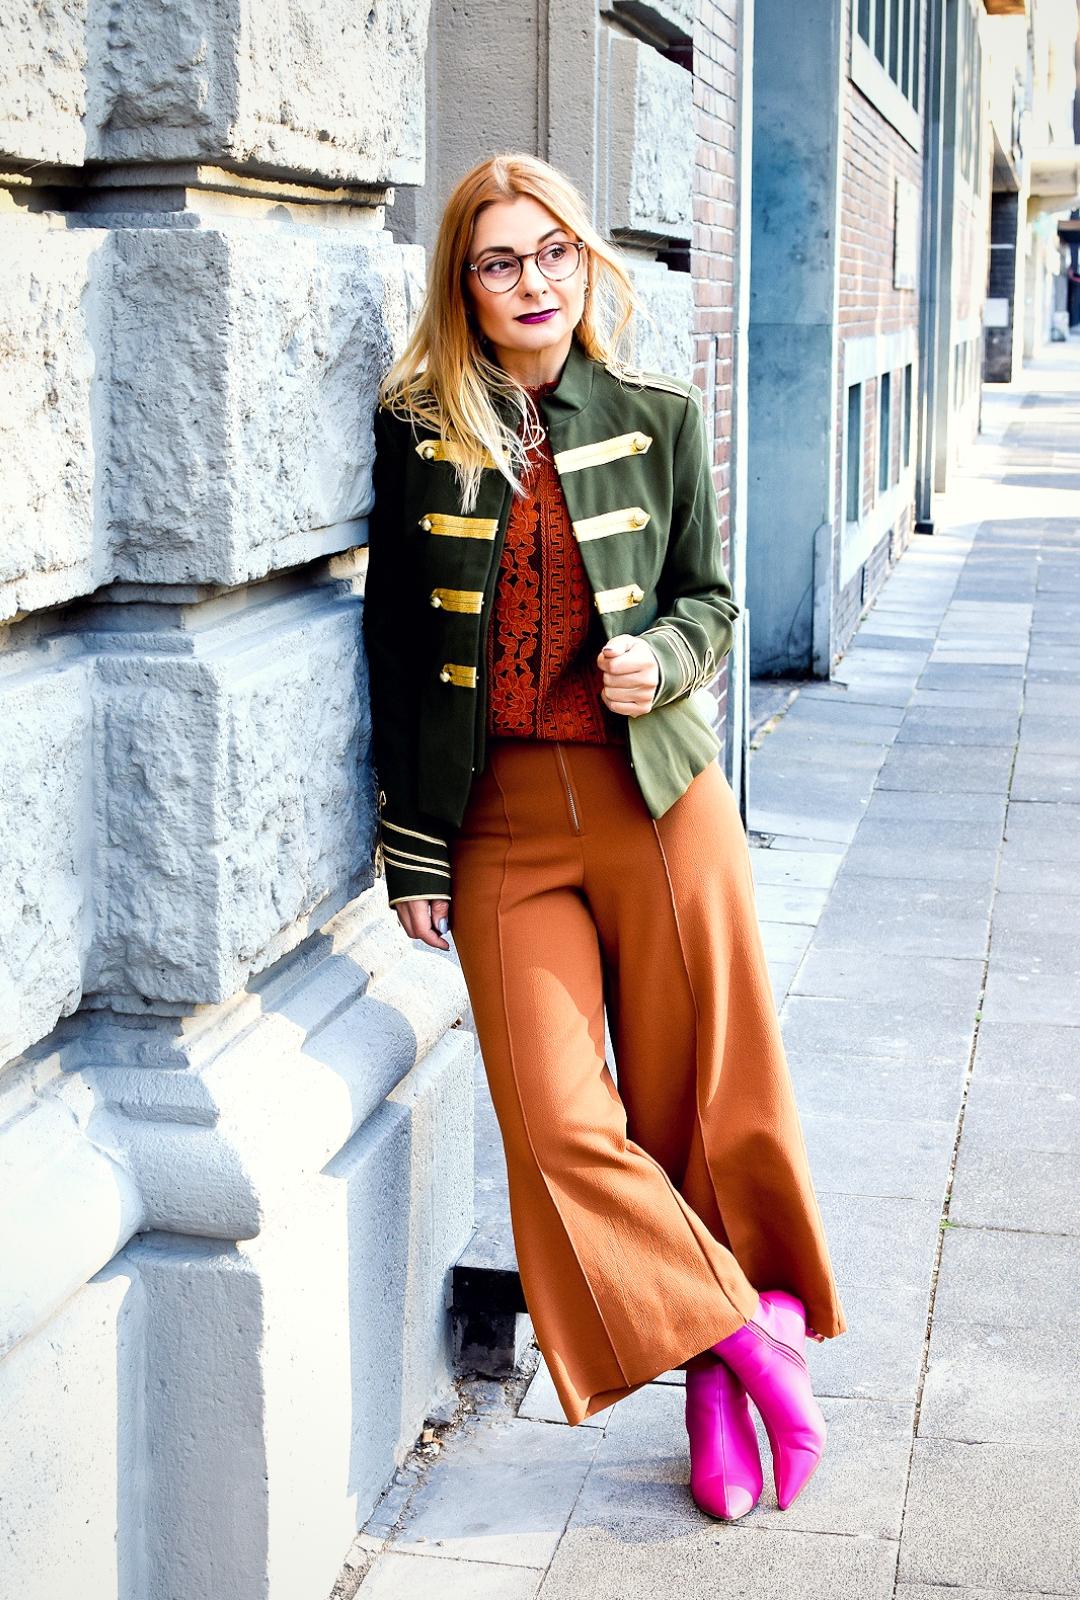 Mode für Frauen ab 40, Modeideen, Outfit,Mode Inspiration für Frauen ab 40